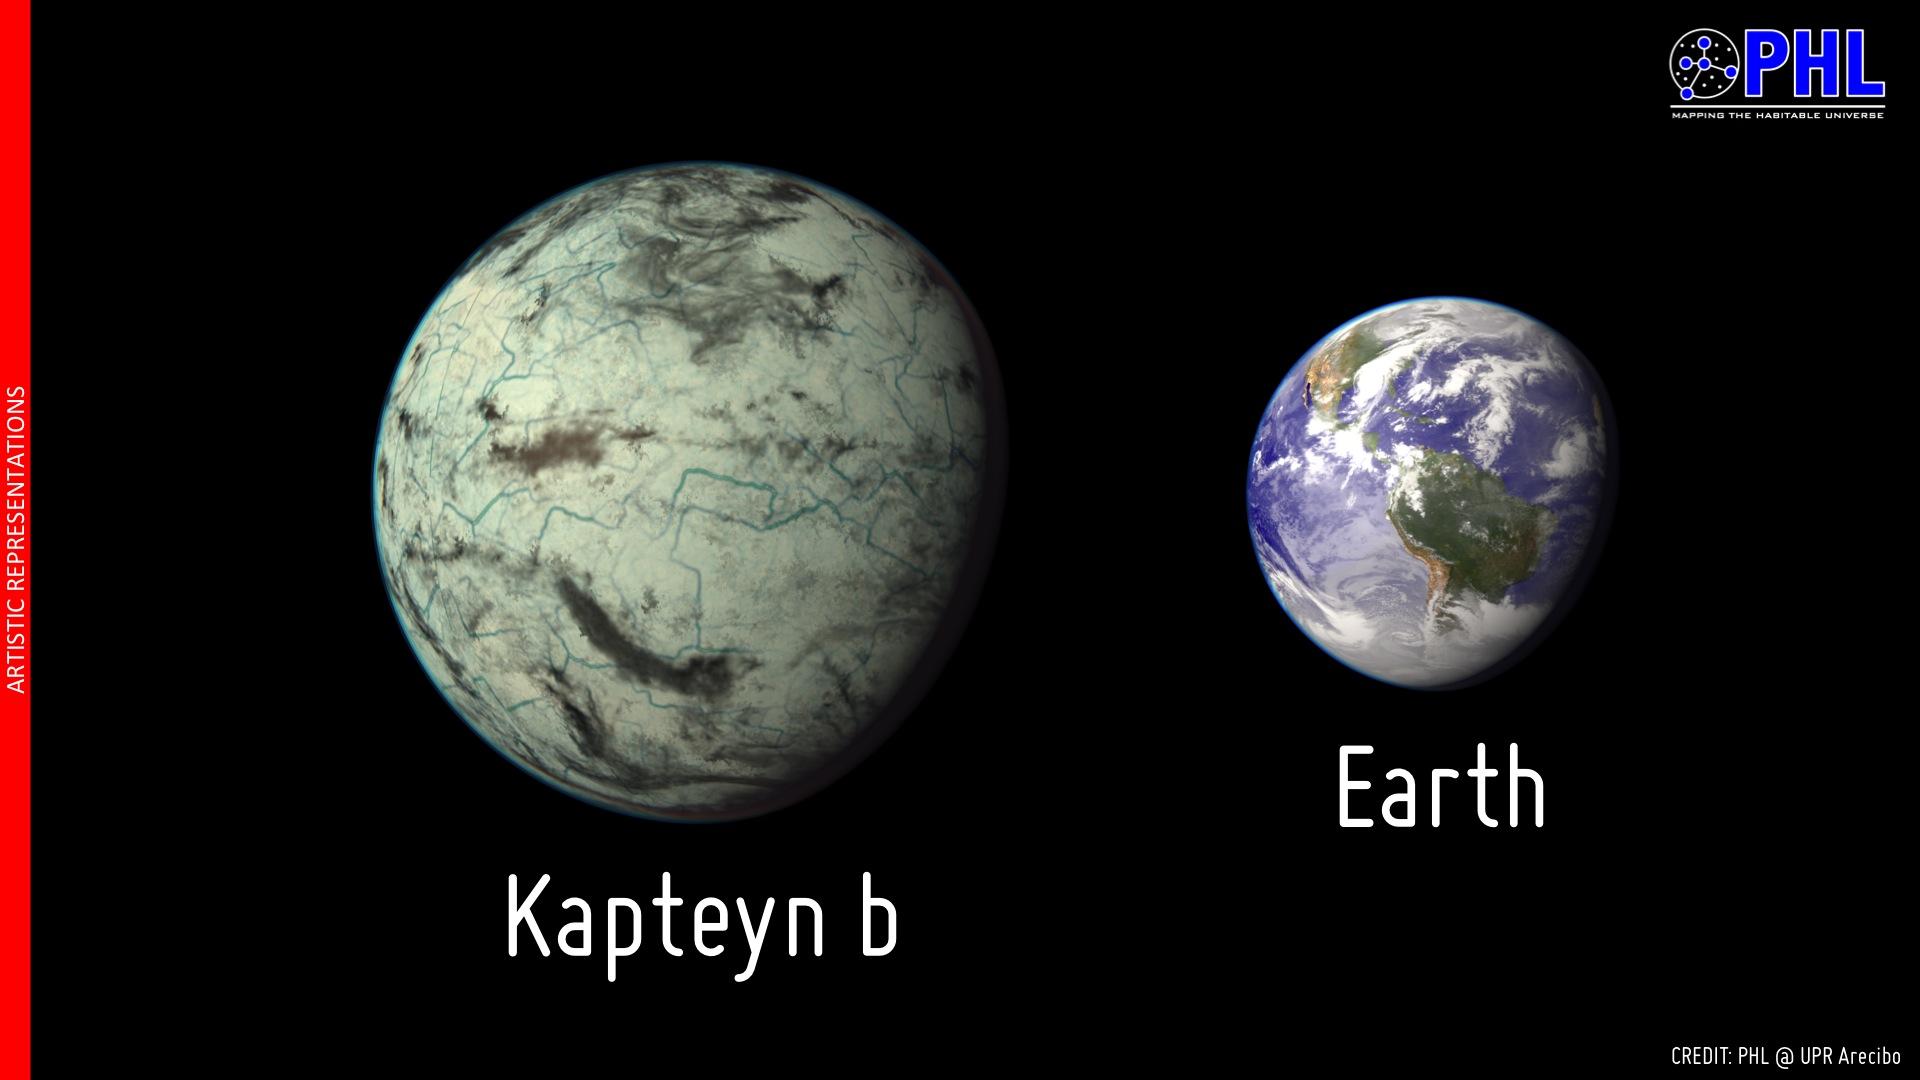 8d035b21de3989964b7794f964b4c153 Астрономы обнаружили древнюю экзопланету